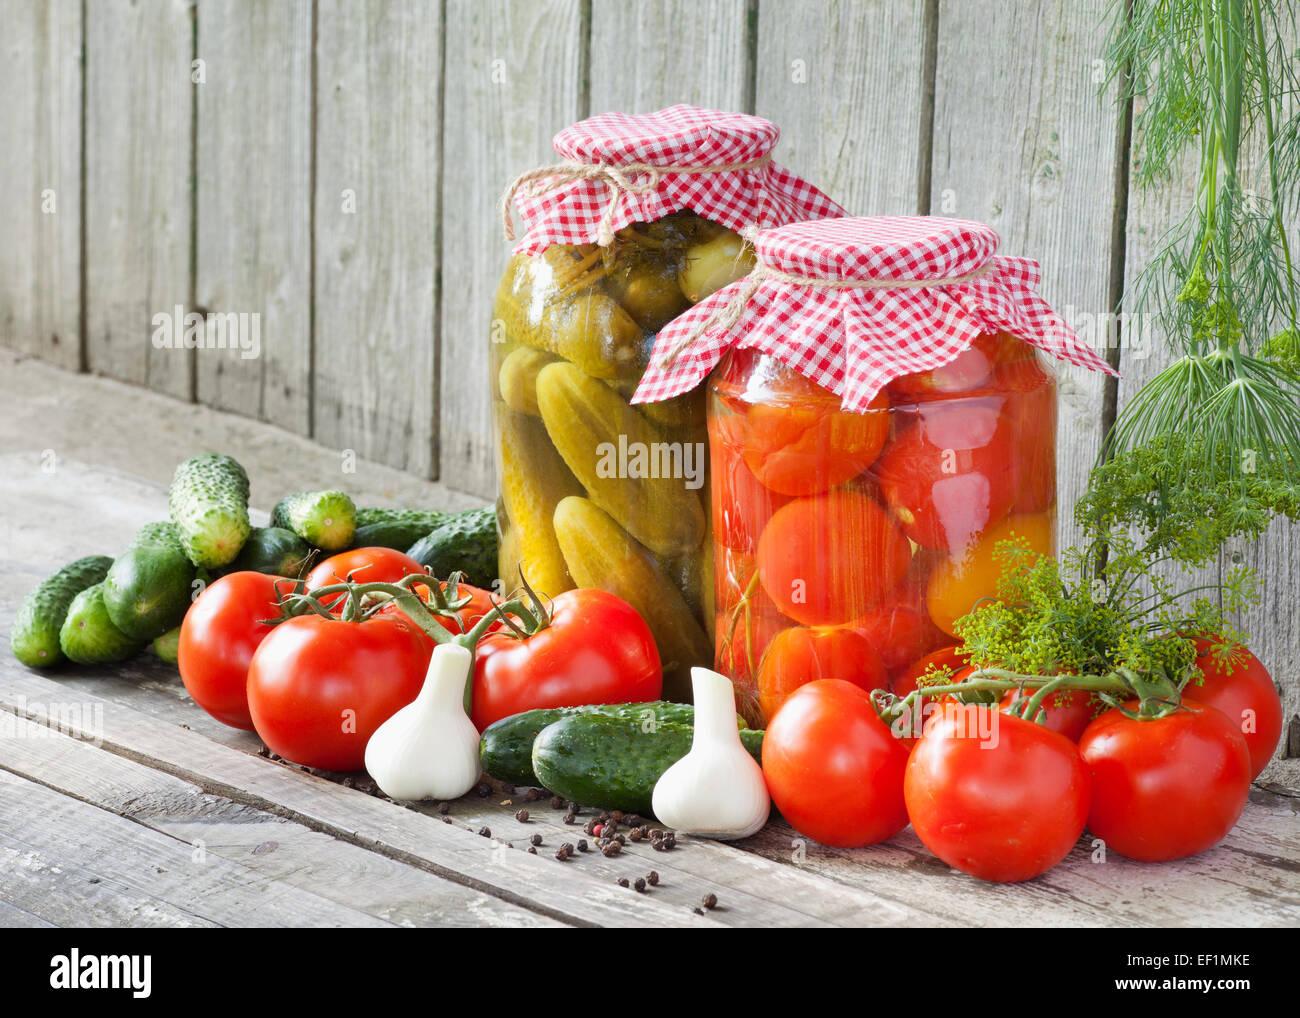 Conserves de tomates et concombres, des conserves de légumes Photo Stock